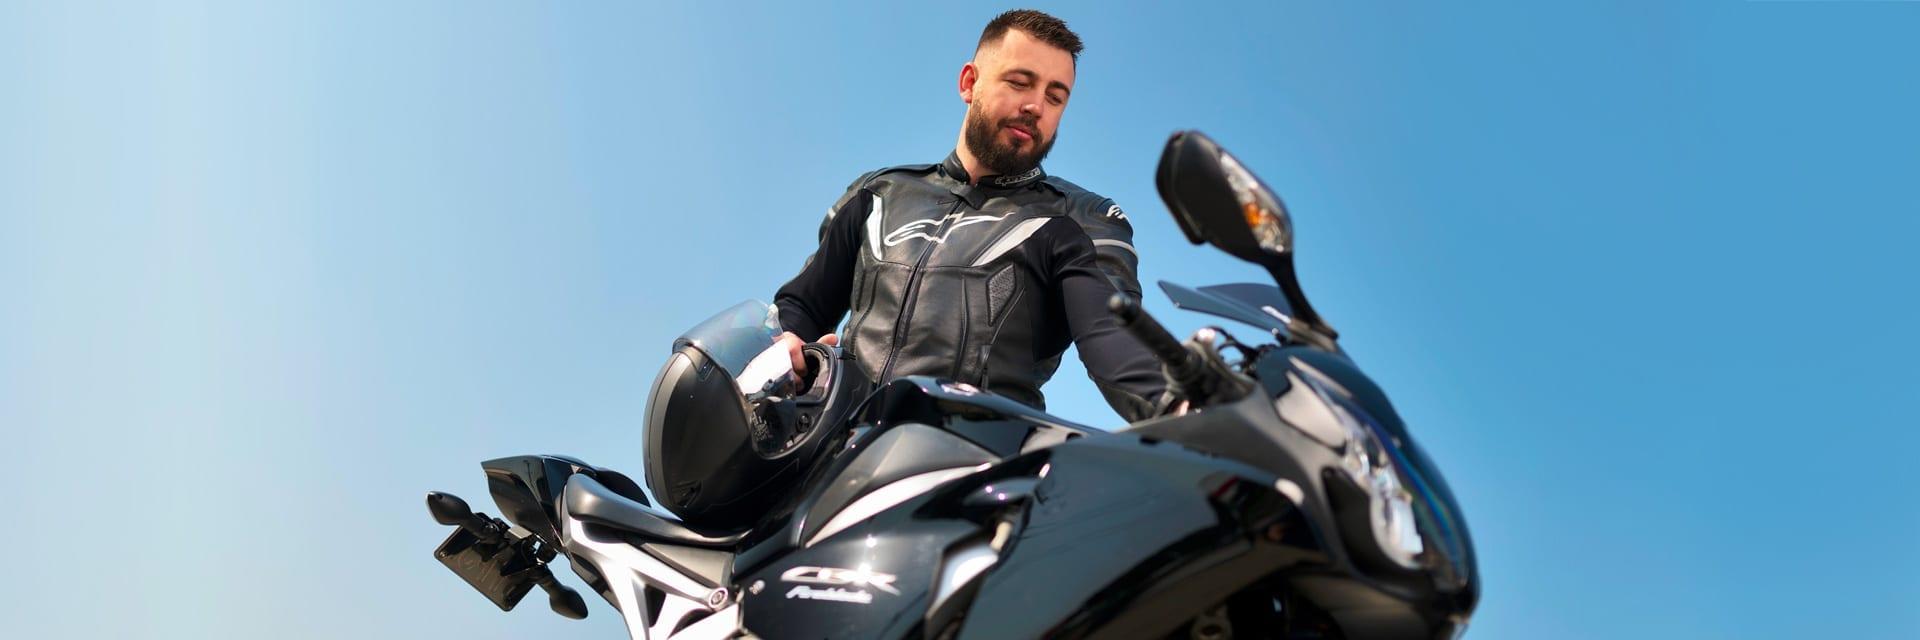 Motorcycle Financing Motorbike Loans 360 Finance